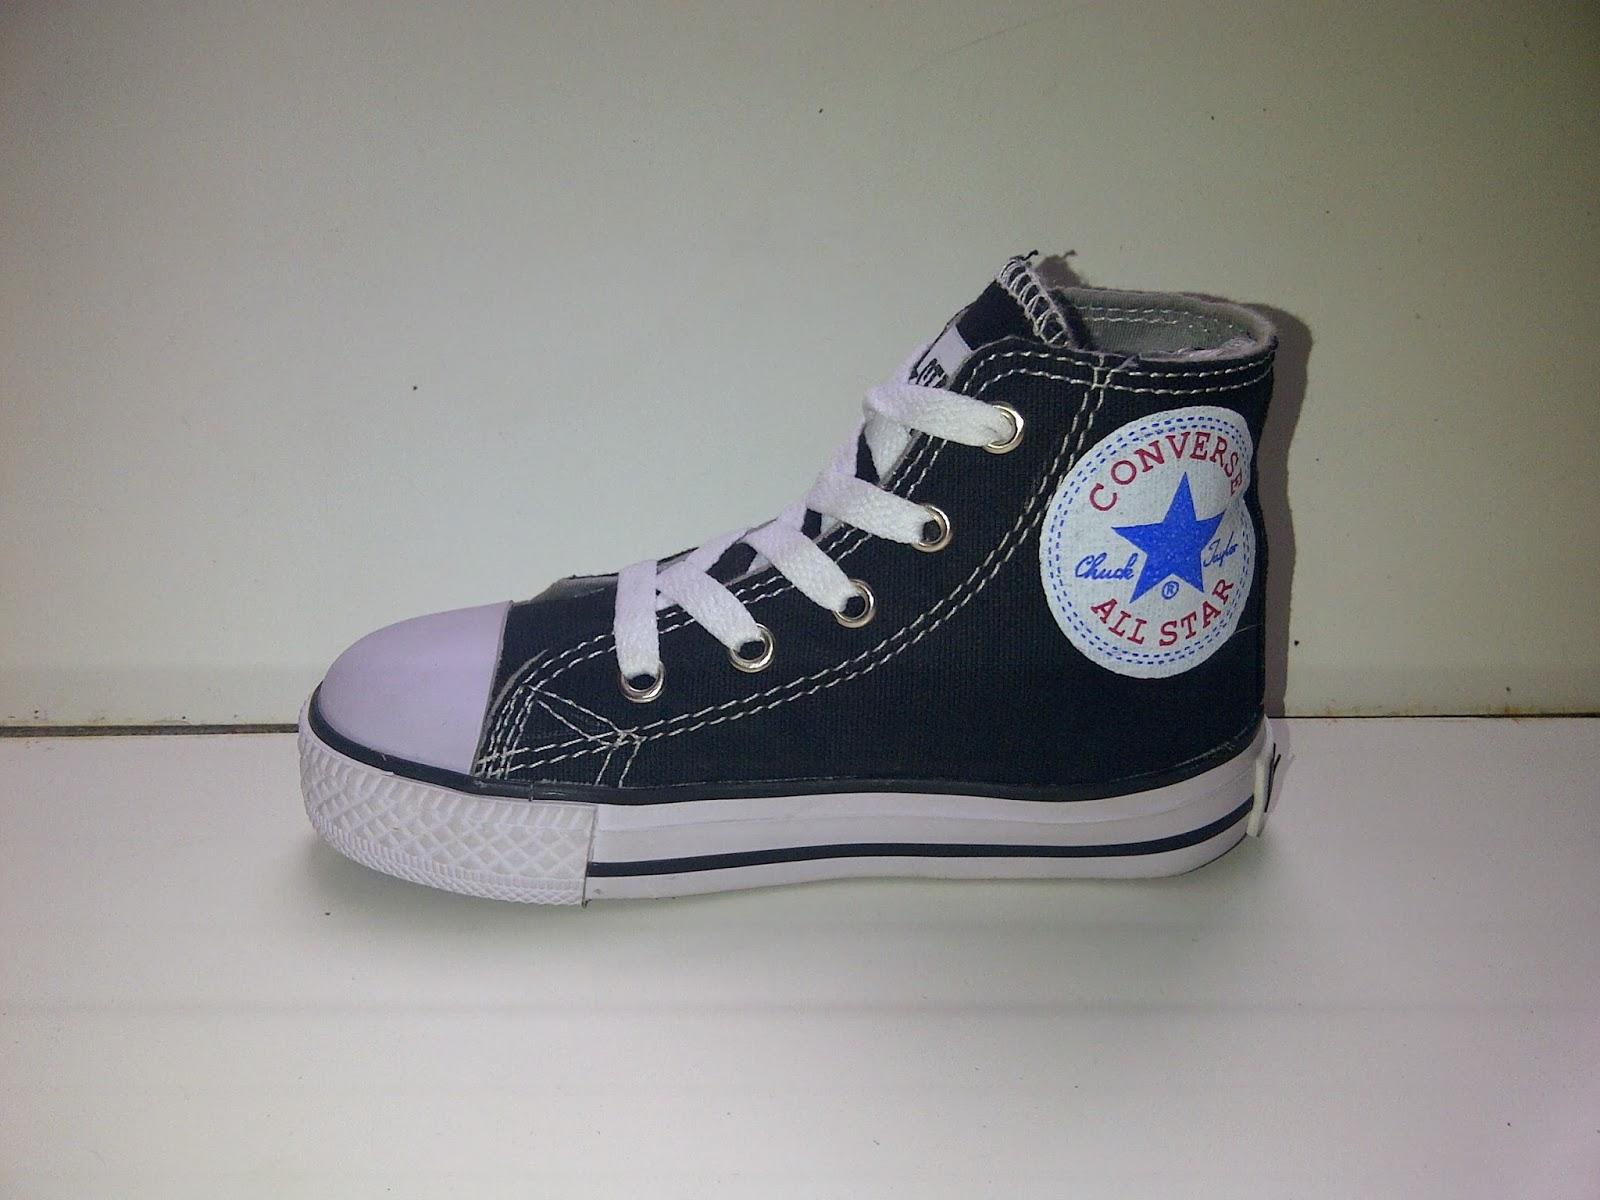 Sepatu Converse Anak hitam murah,sepatu anak sd